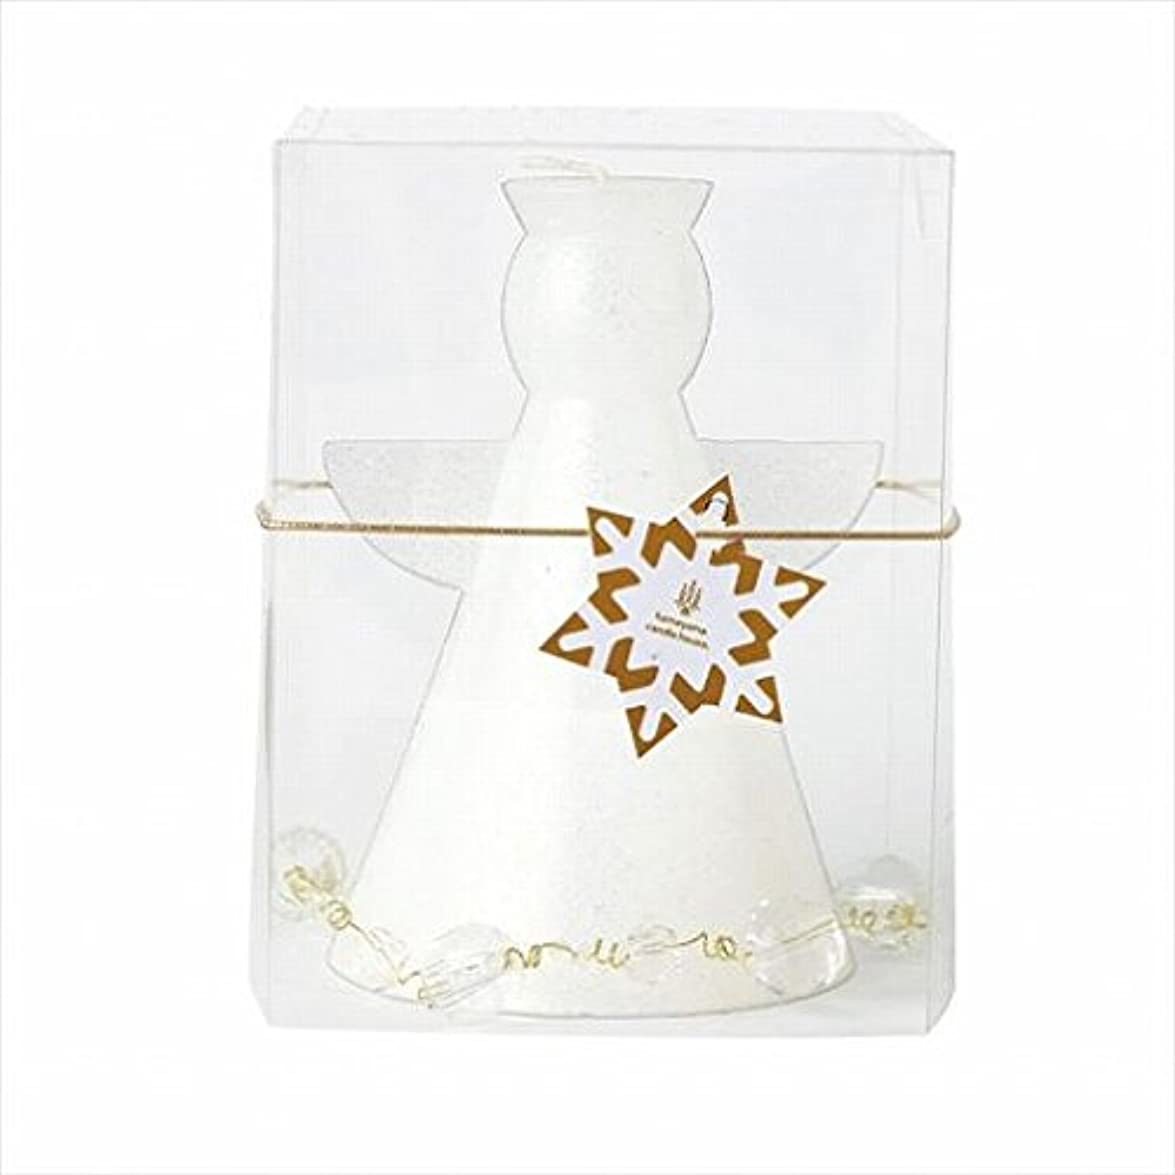 フォーマット情緒的素晴らしさカメヤマキャンドル(kameyama candle) クリスタルアンジェリカ 「 ホワイト 」